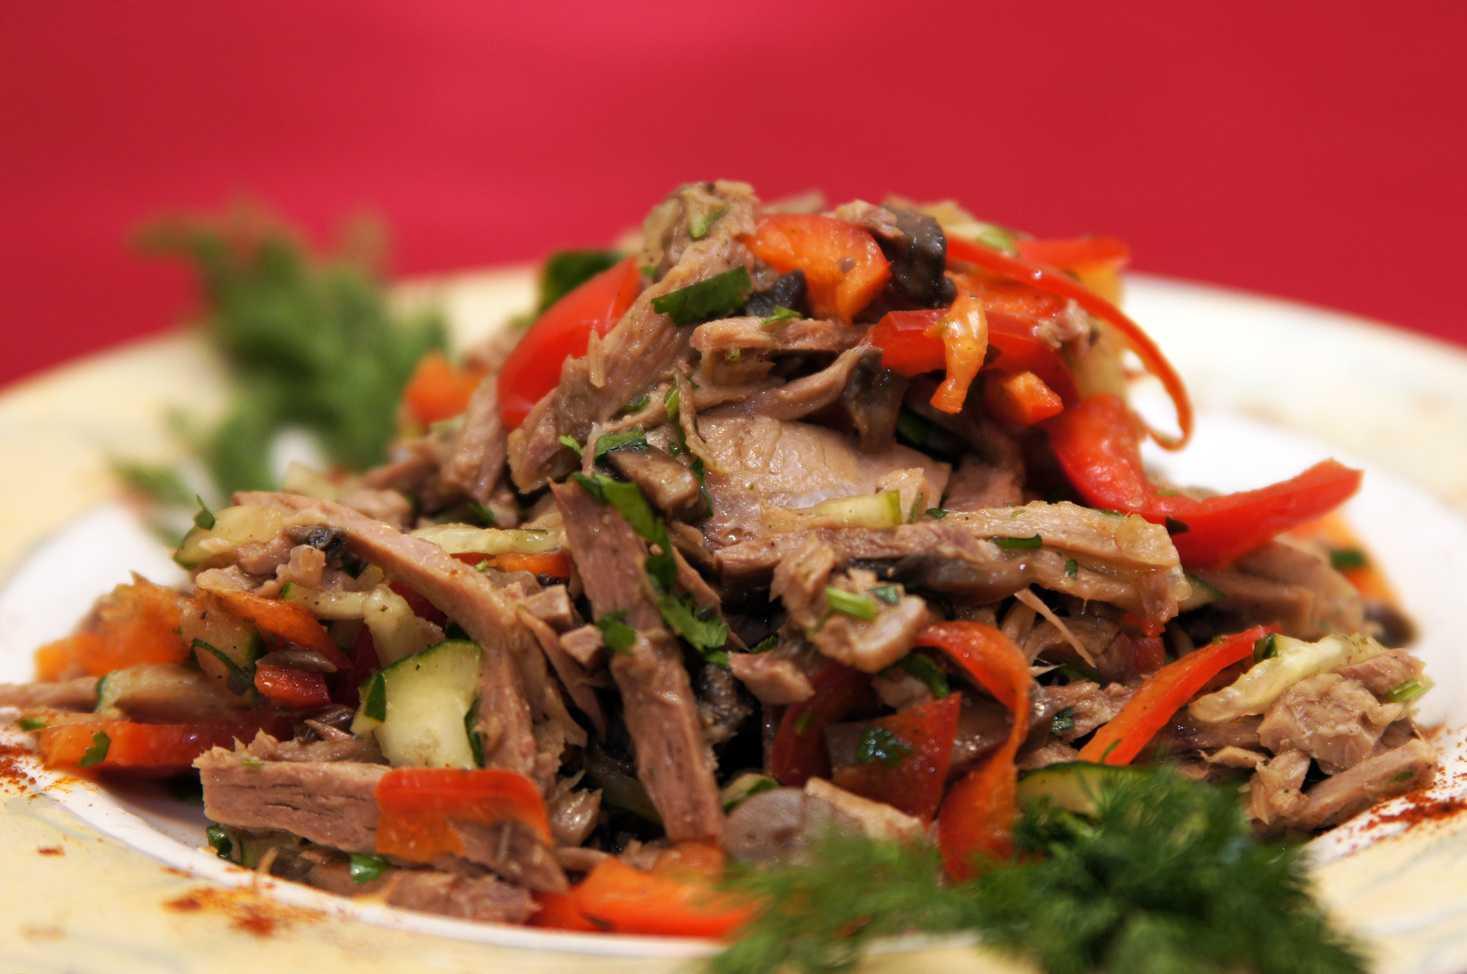 Салат нежный с сыром и ветчиной с яблоком рецепт с фото пошагово - 1000.menu